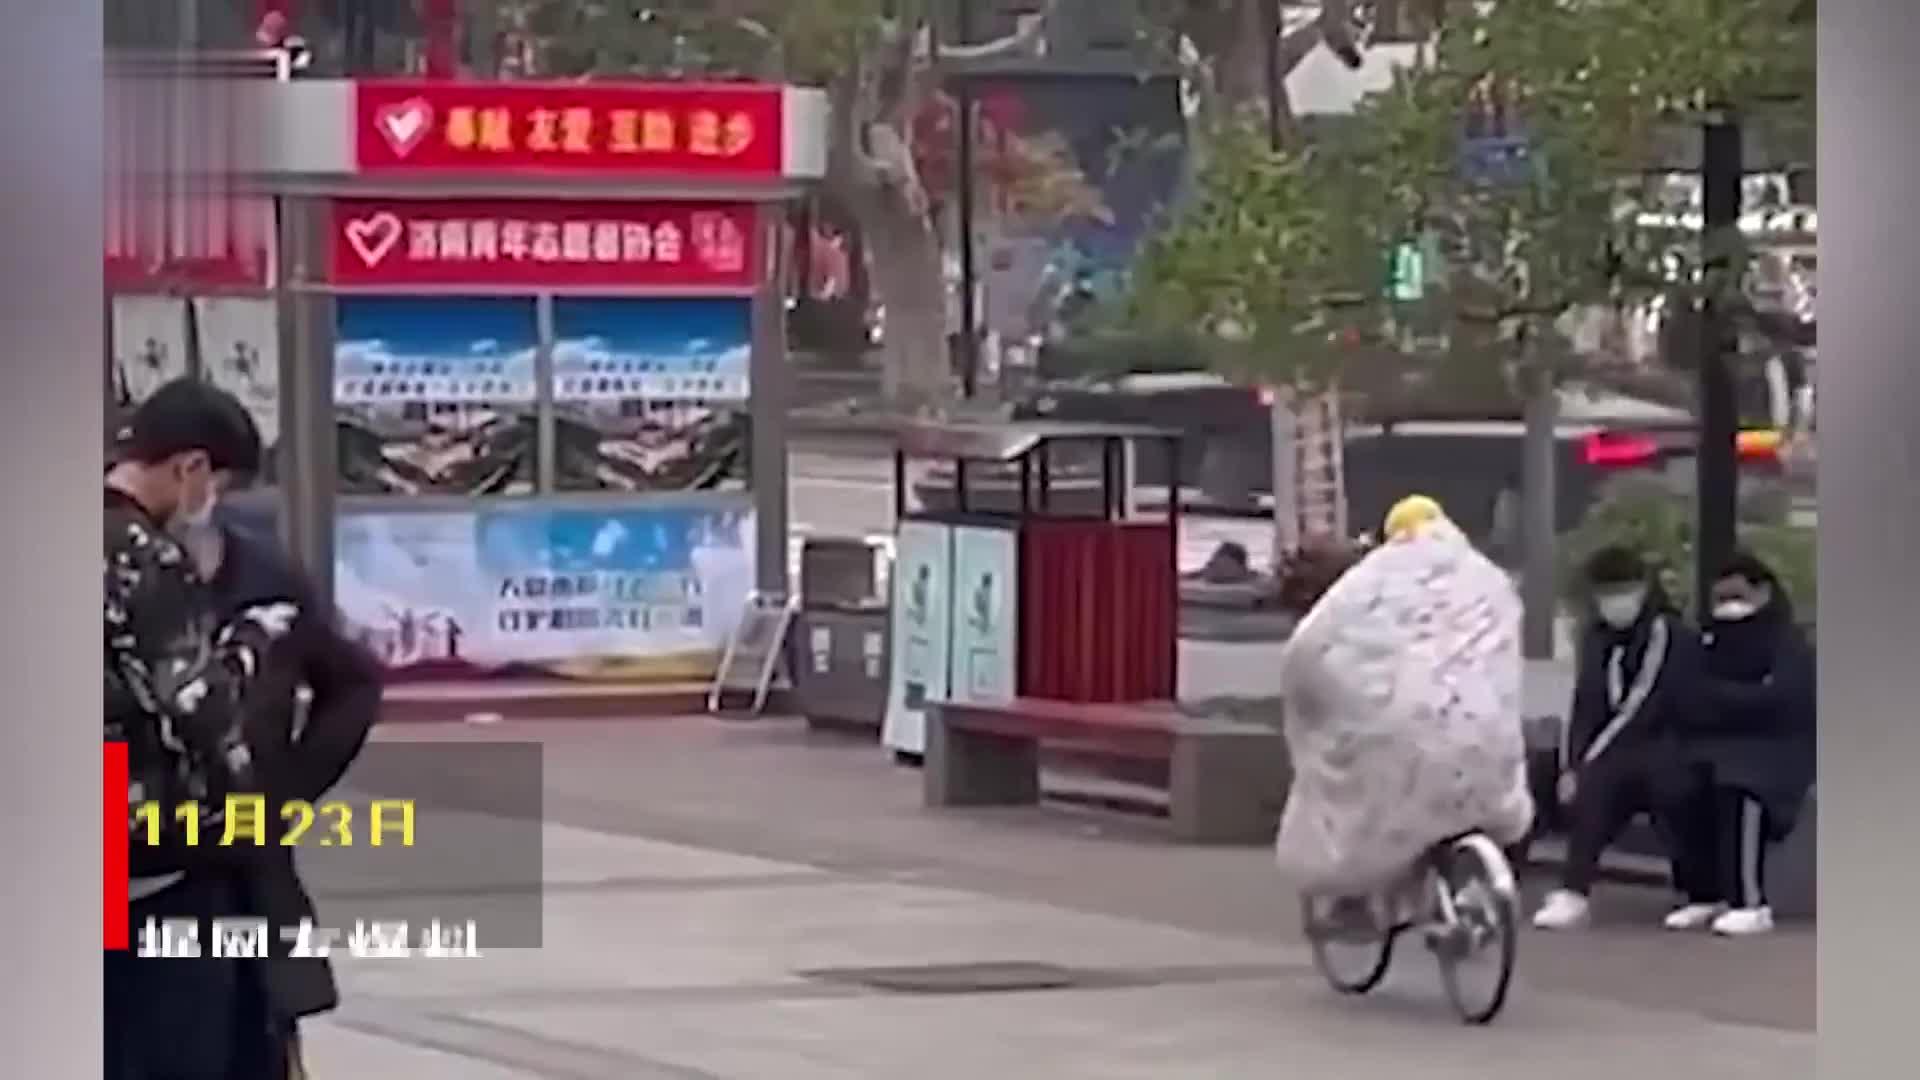 街头市民裹棉被骑自行车,高手在民间到底有多冷?